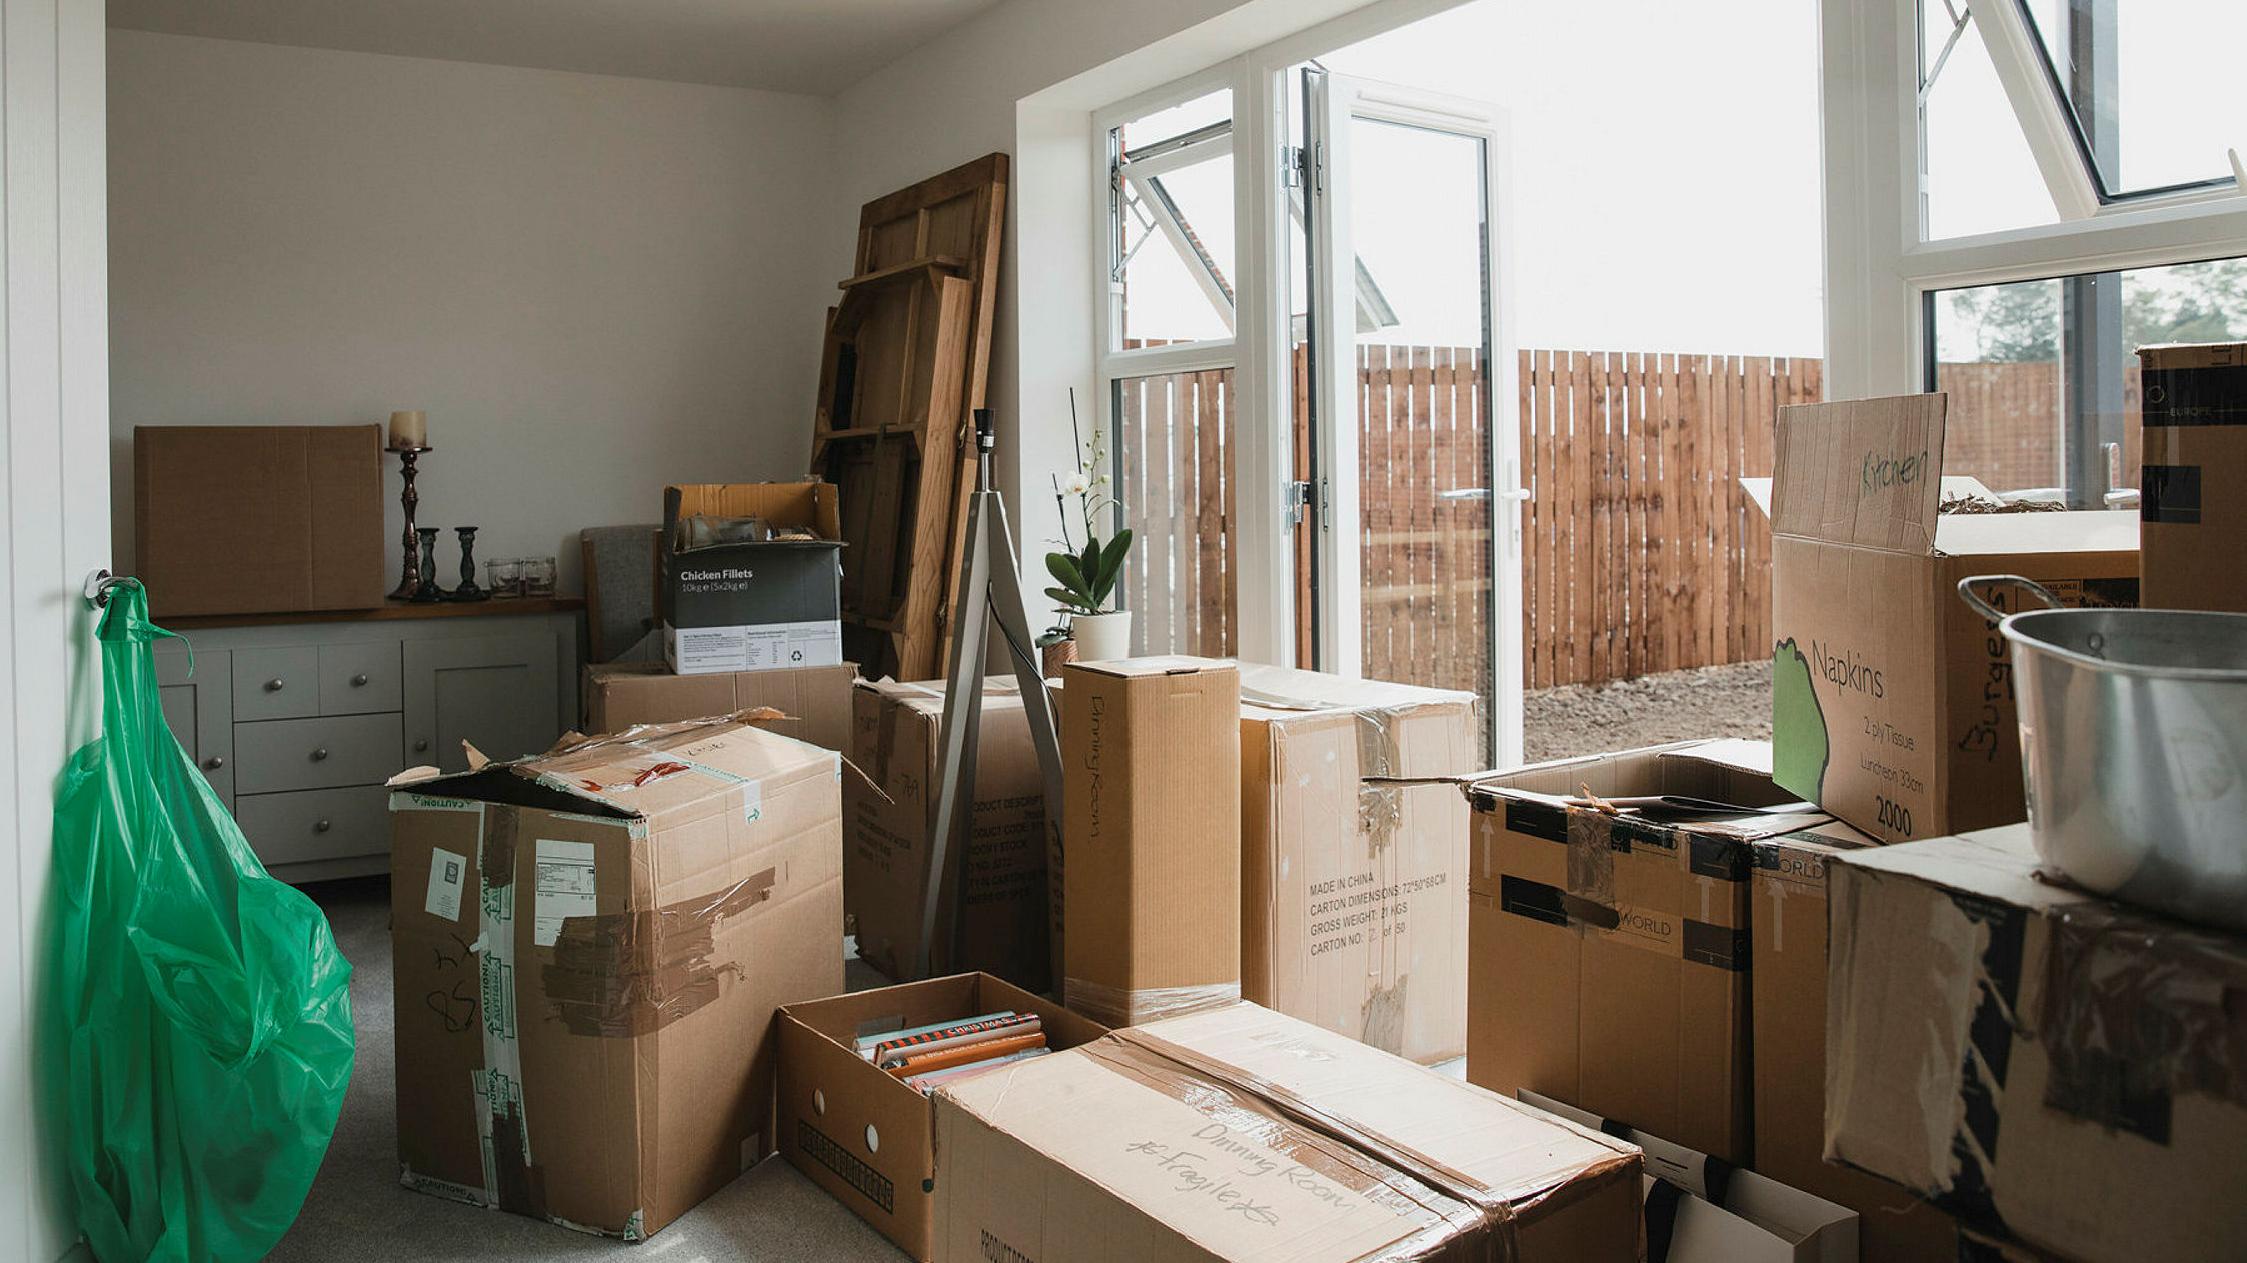 Dịch vụ chuyển nhà trọn gói nào tốt dựa vào đâu?